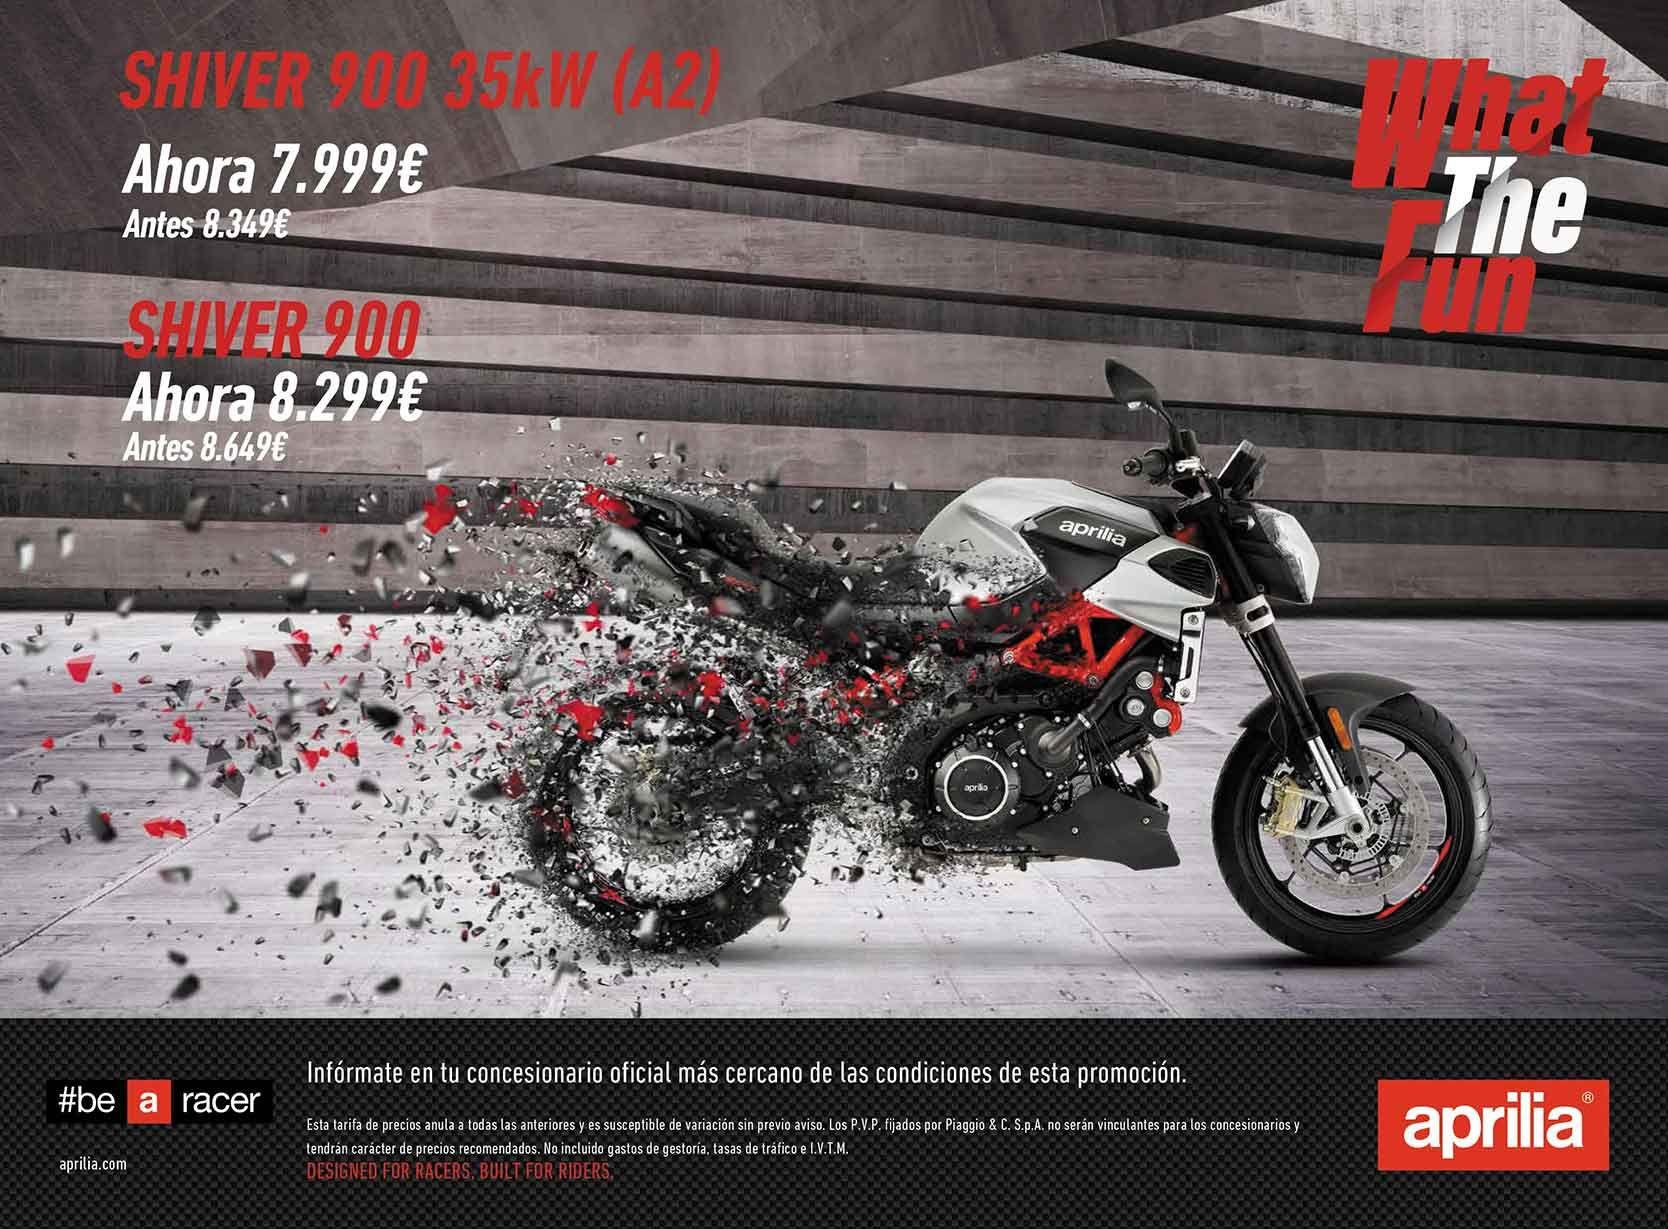 Promoción Aprilia Shiver 900